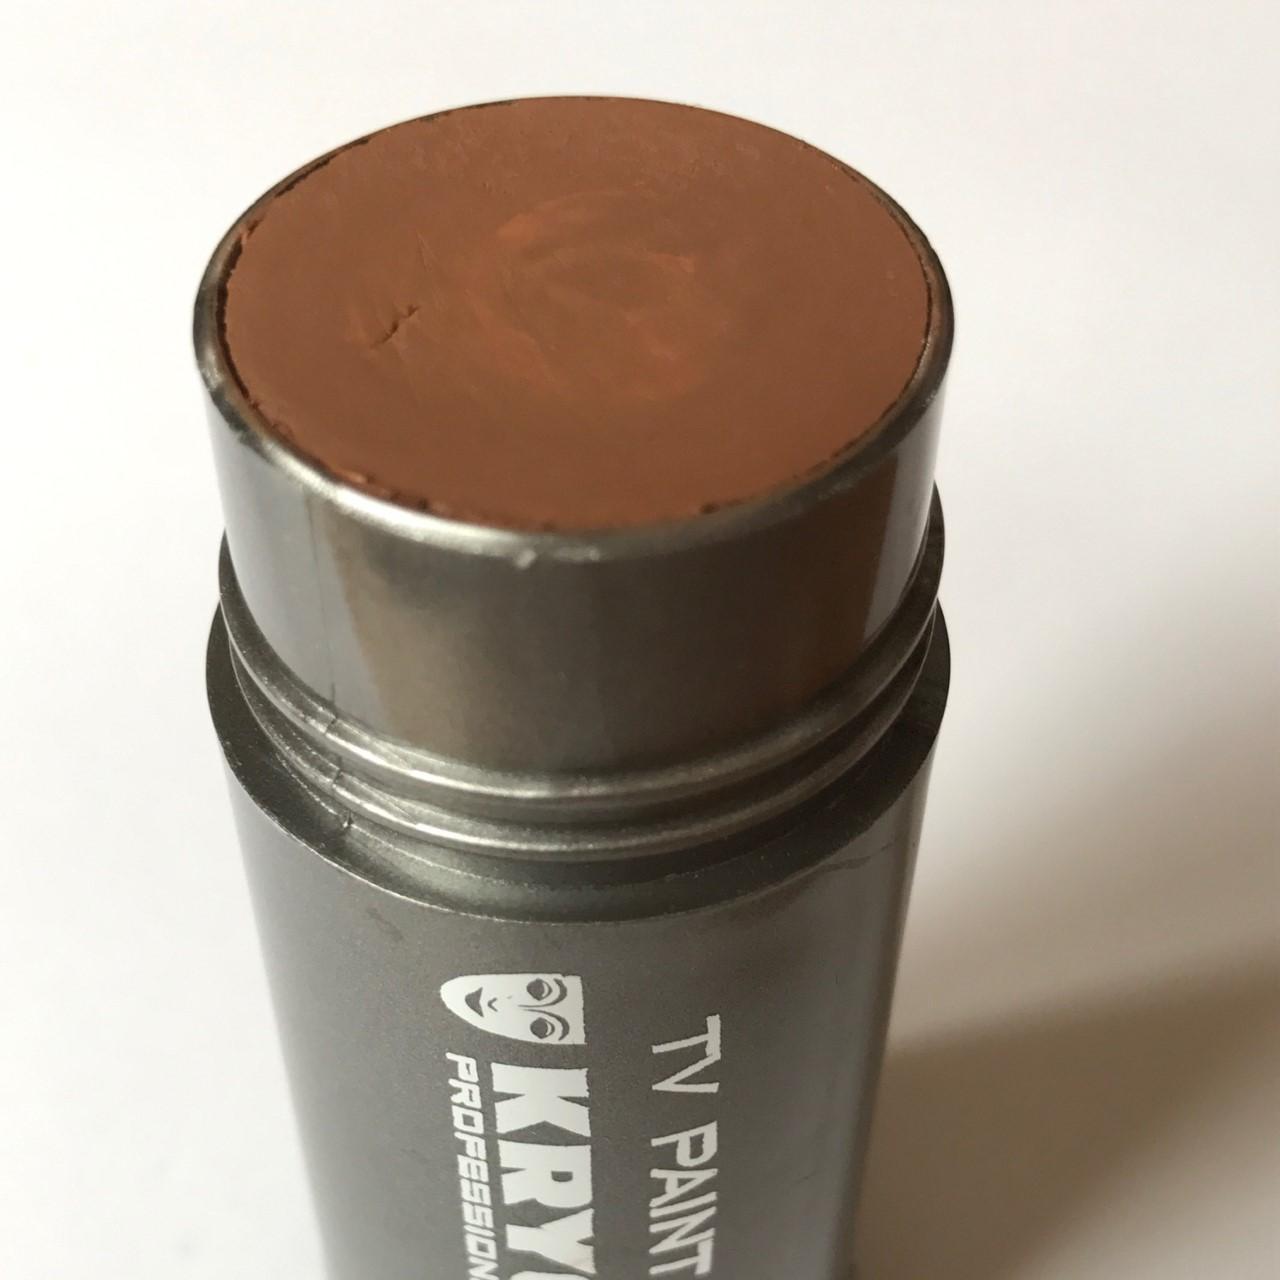 Maquillage kryolan pan stick 5047 ng1